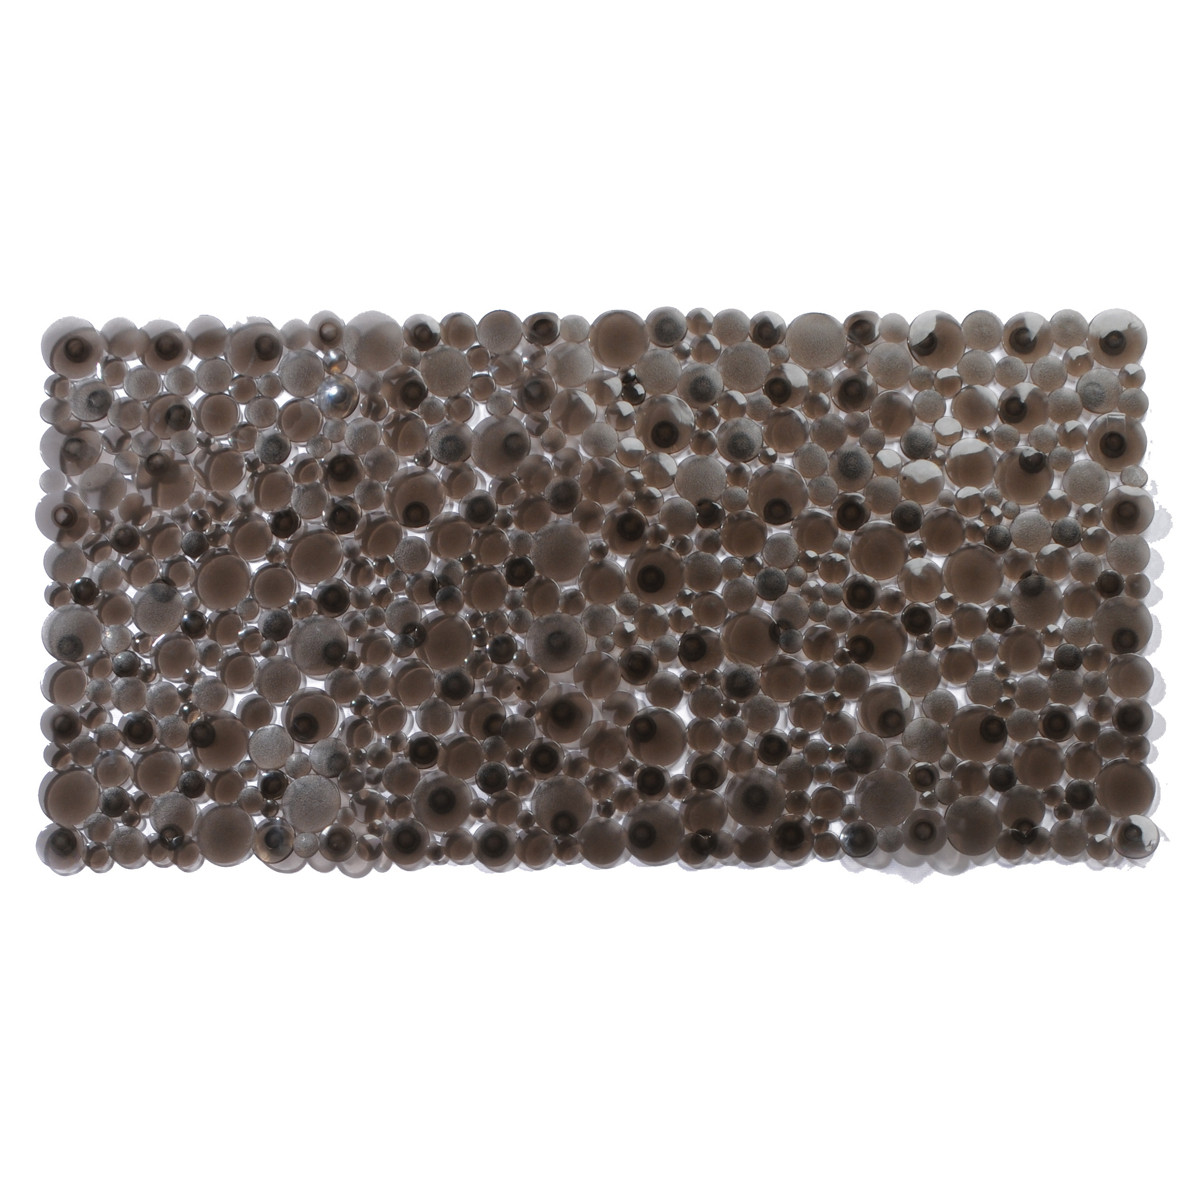 Αντιολισθητικό Πατάκι Μπανιέρας Estia Stone 02-1667